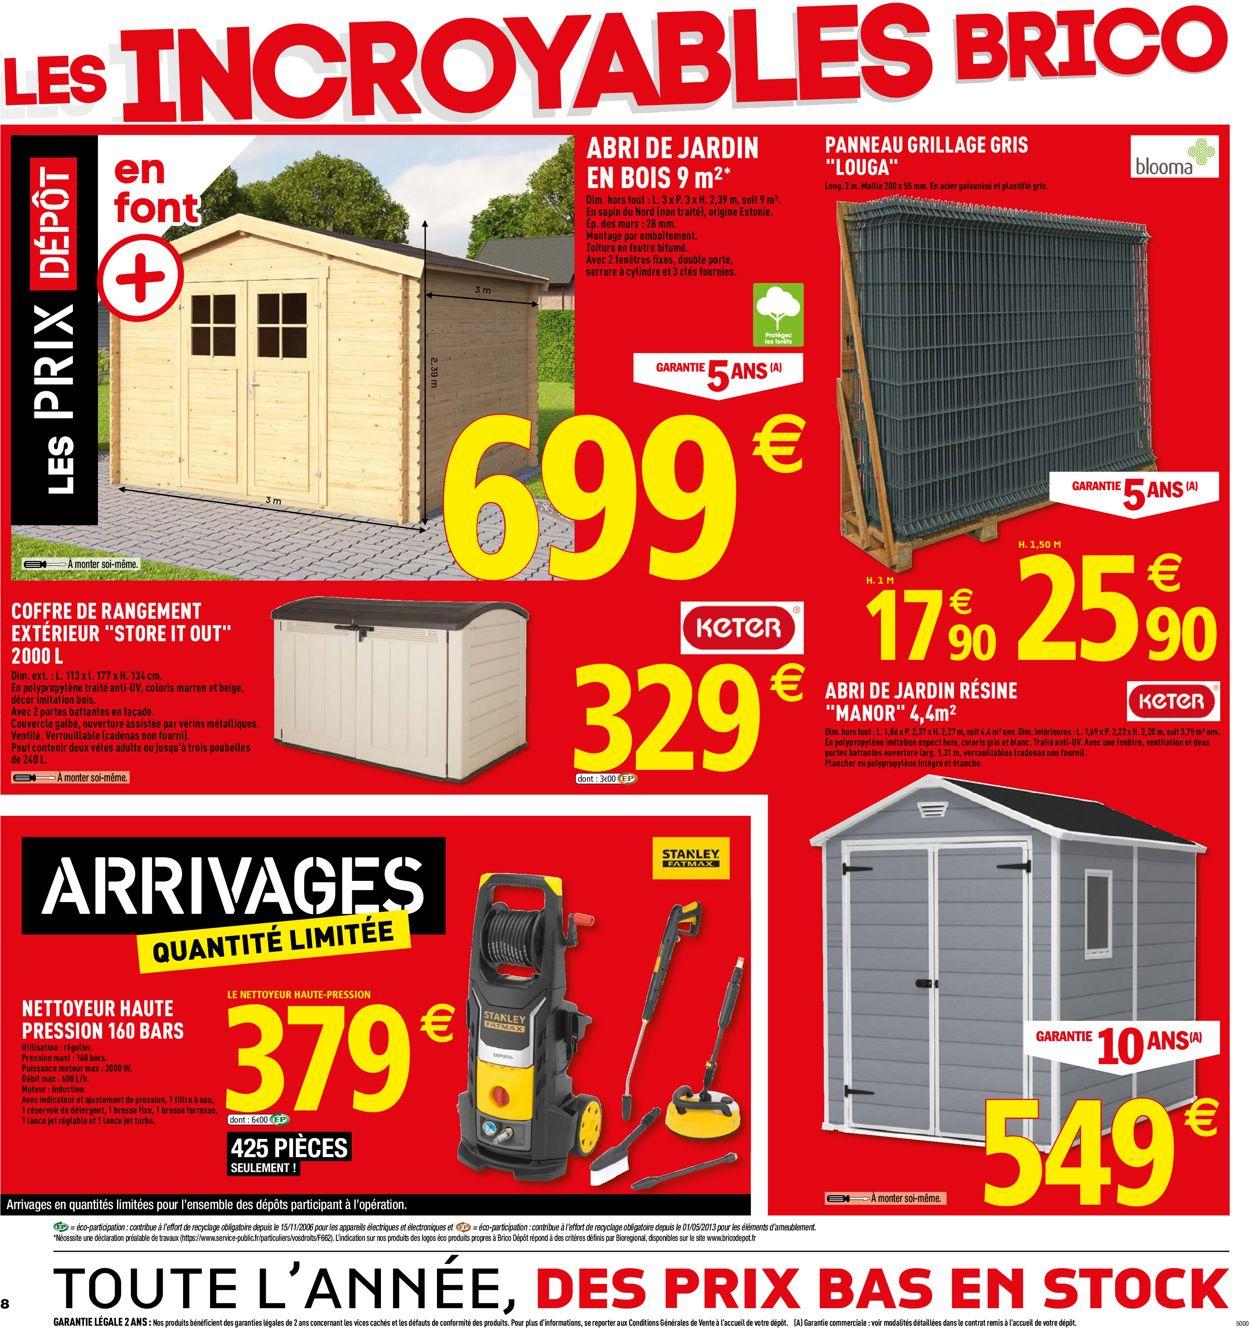 Brico Dépôt Catalogue Actuel 07.06 - 30.06.2019 [8 ... pour Abri Jardin Bois Brico Depot